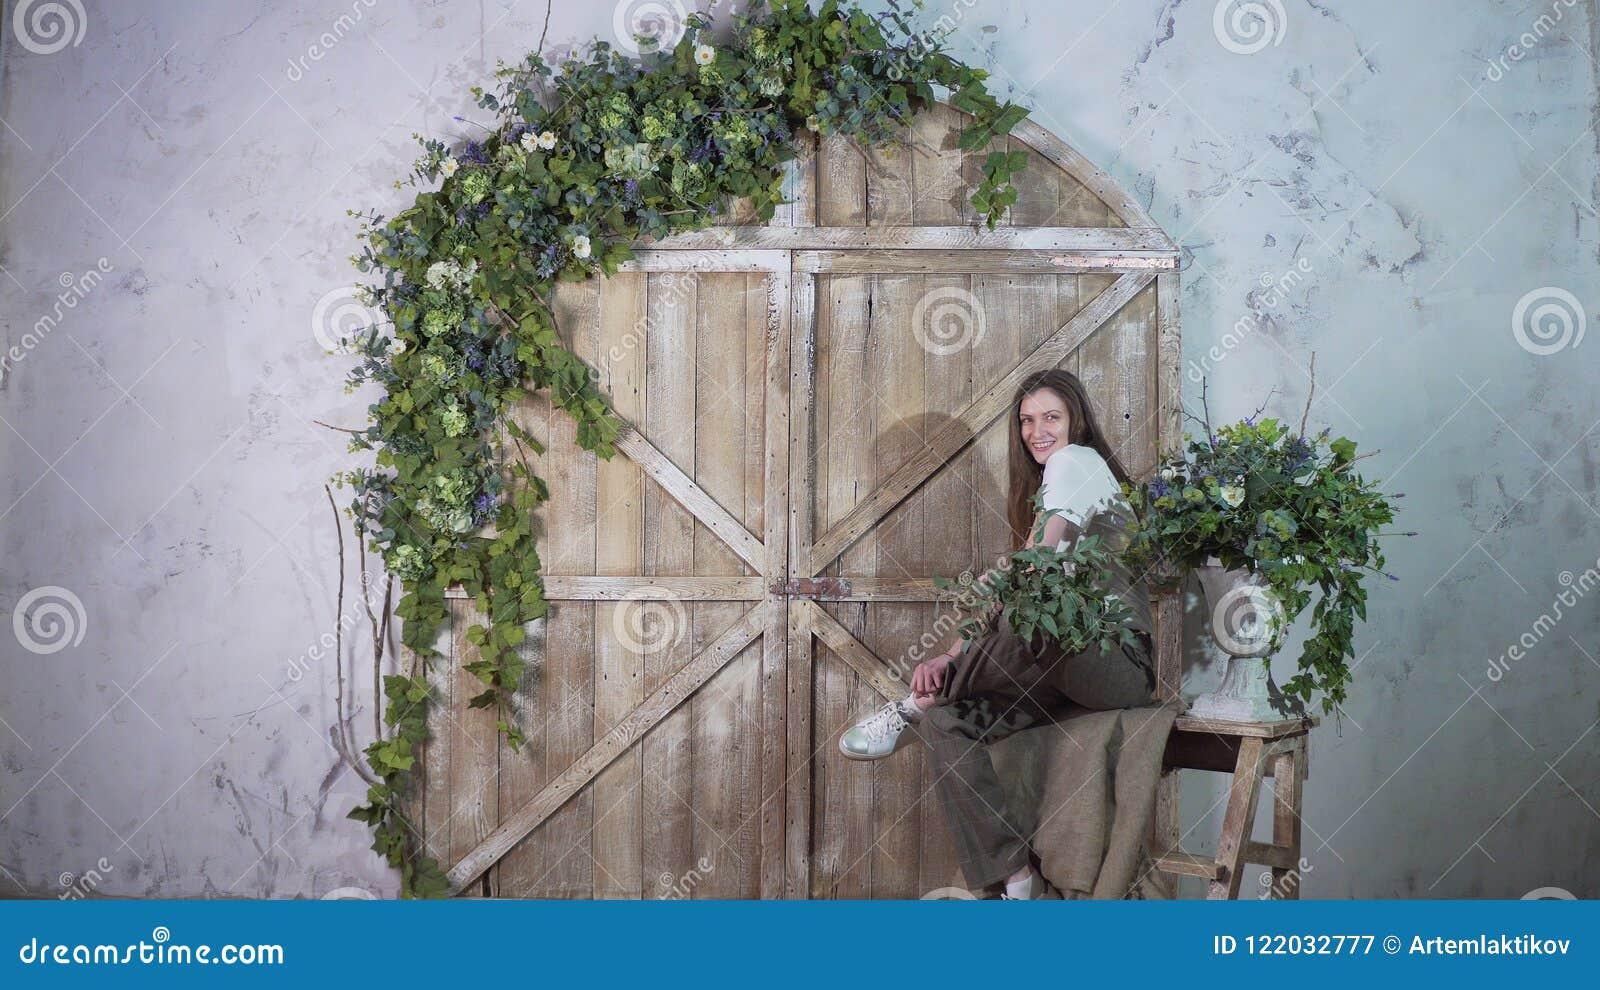 Молодая положительная девушка сидит на винтажной лестнице и смотрит в камеру